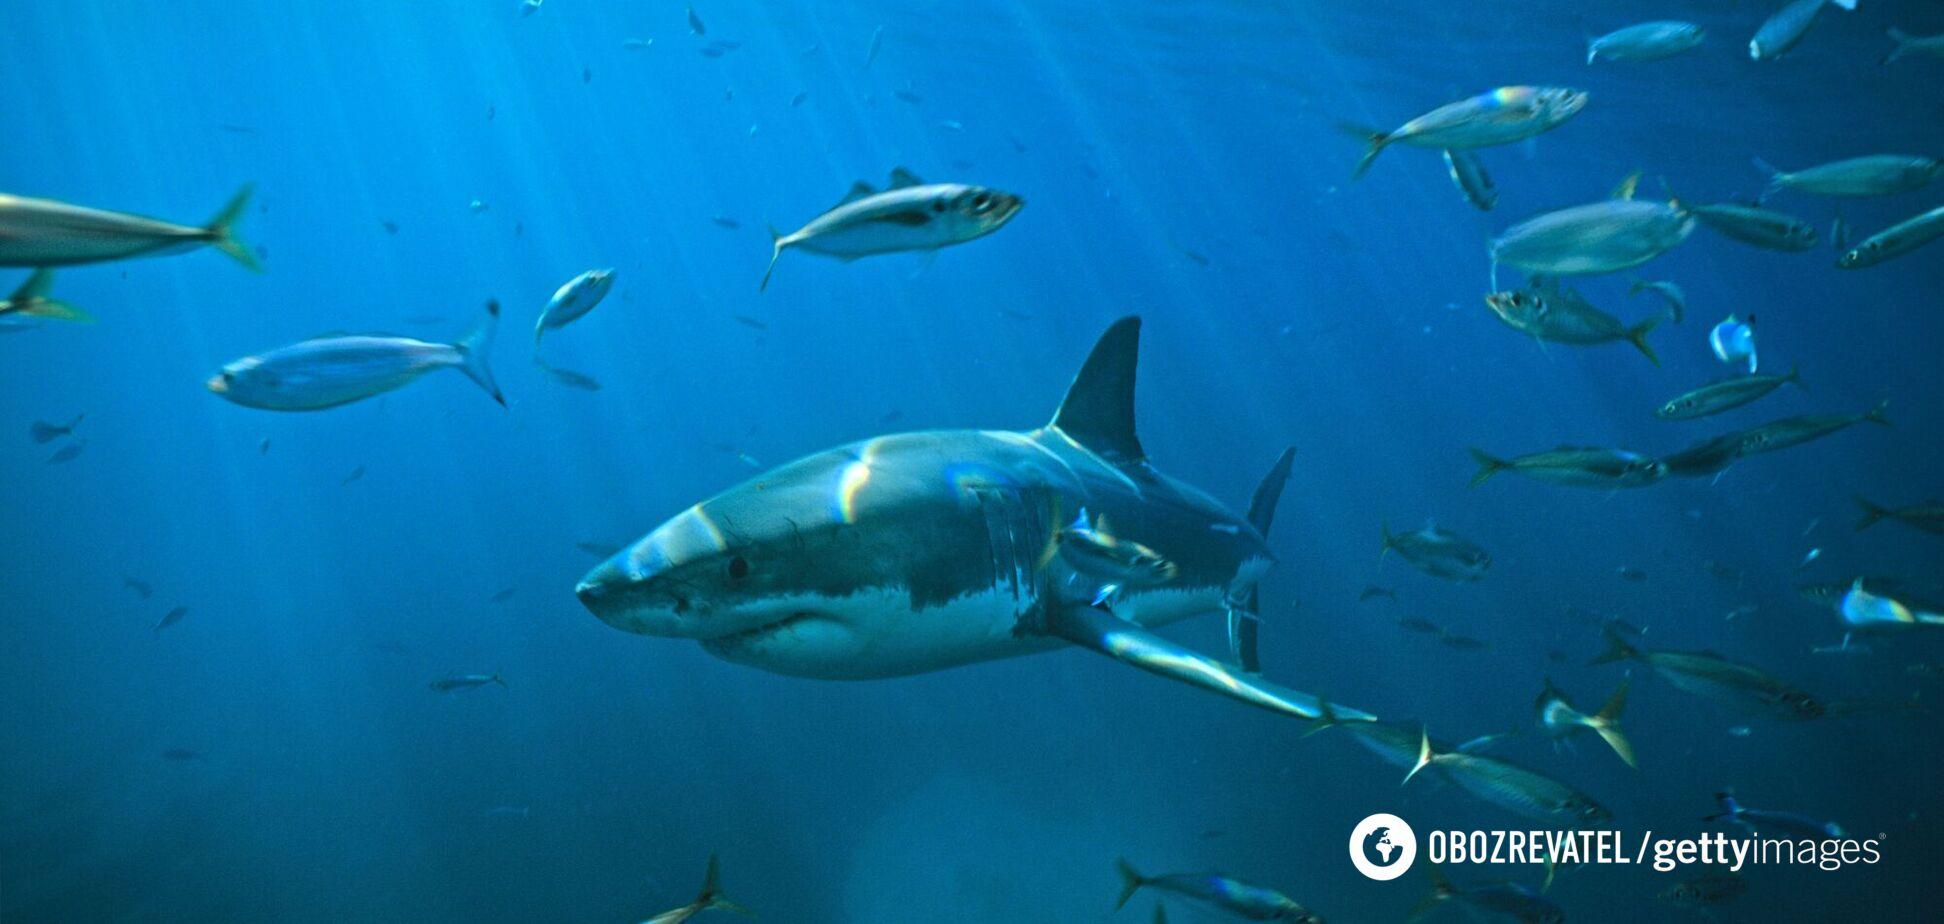 Нападение акулы на украинцев в Египте: появились подробности трагедии